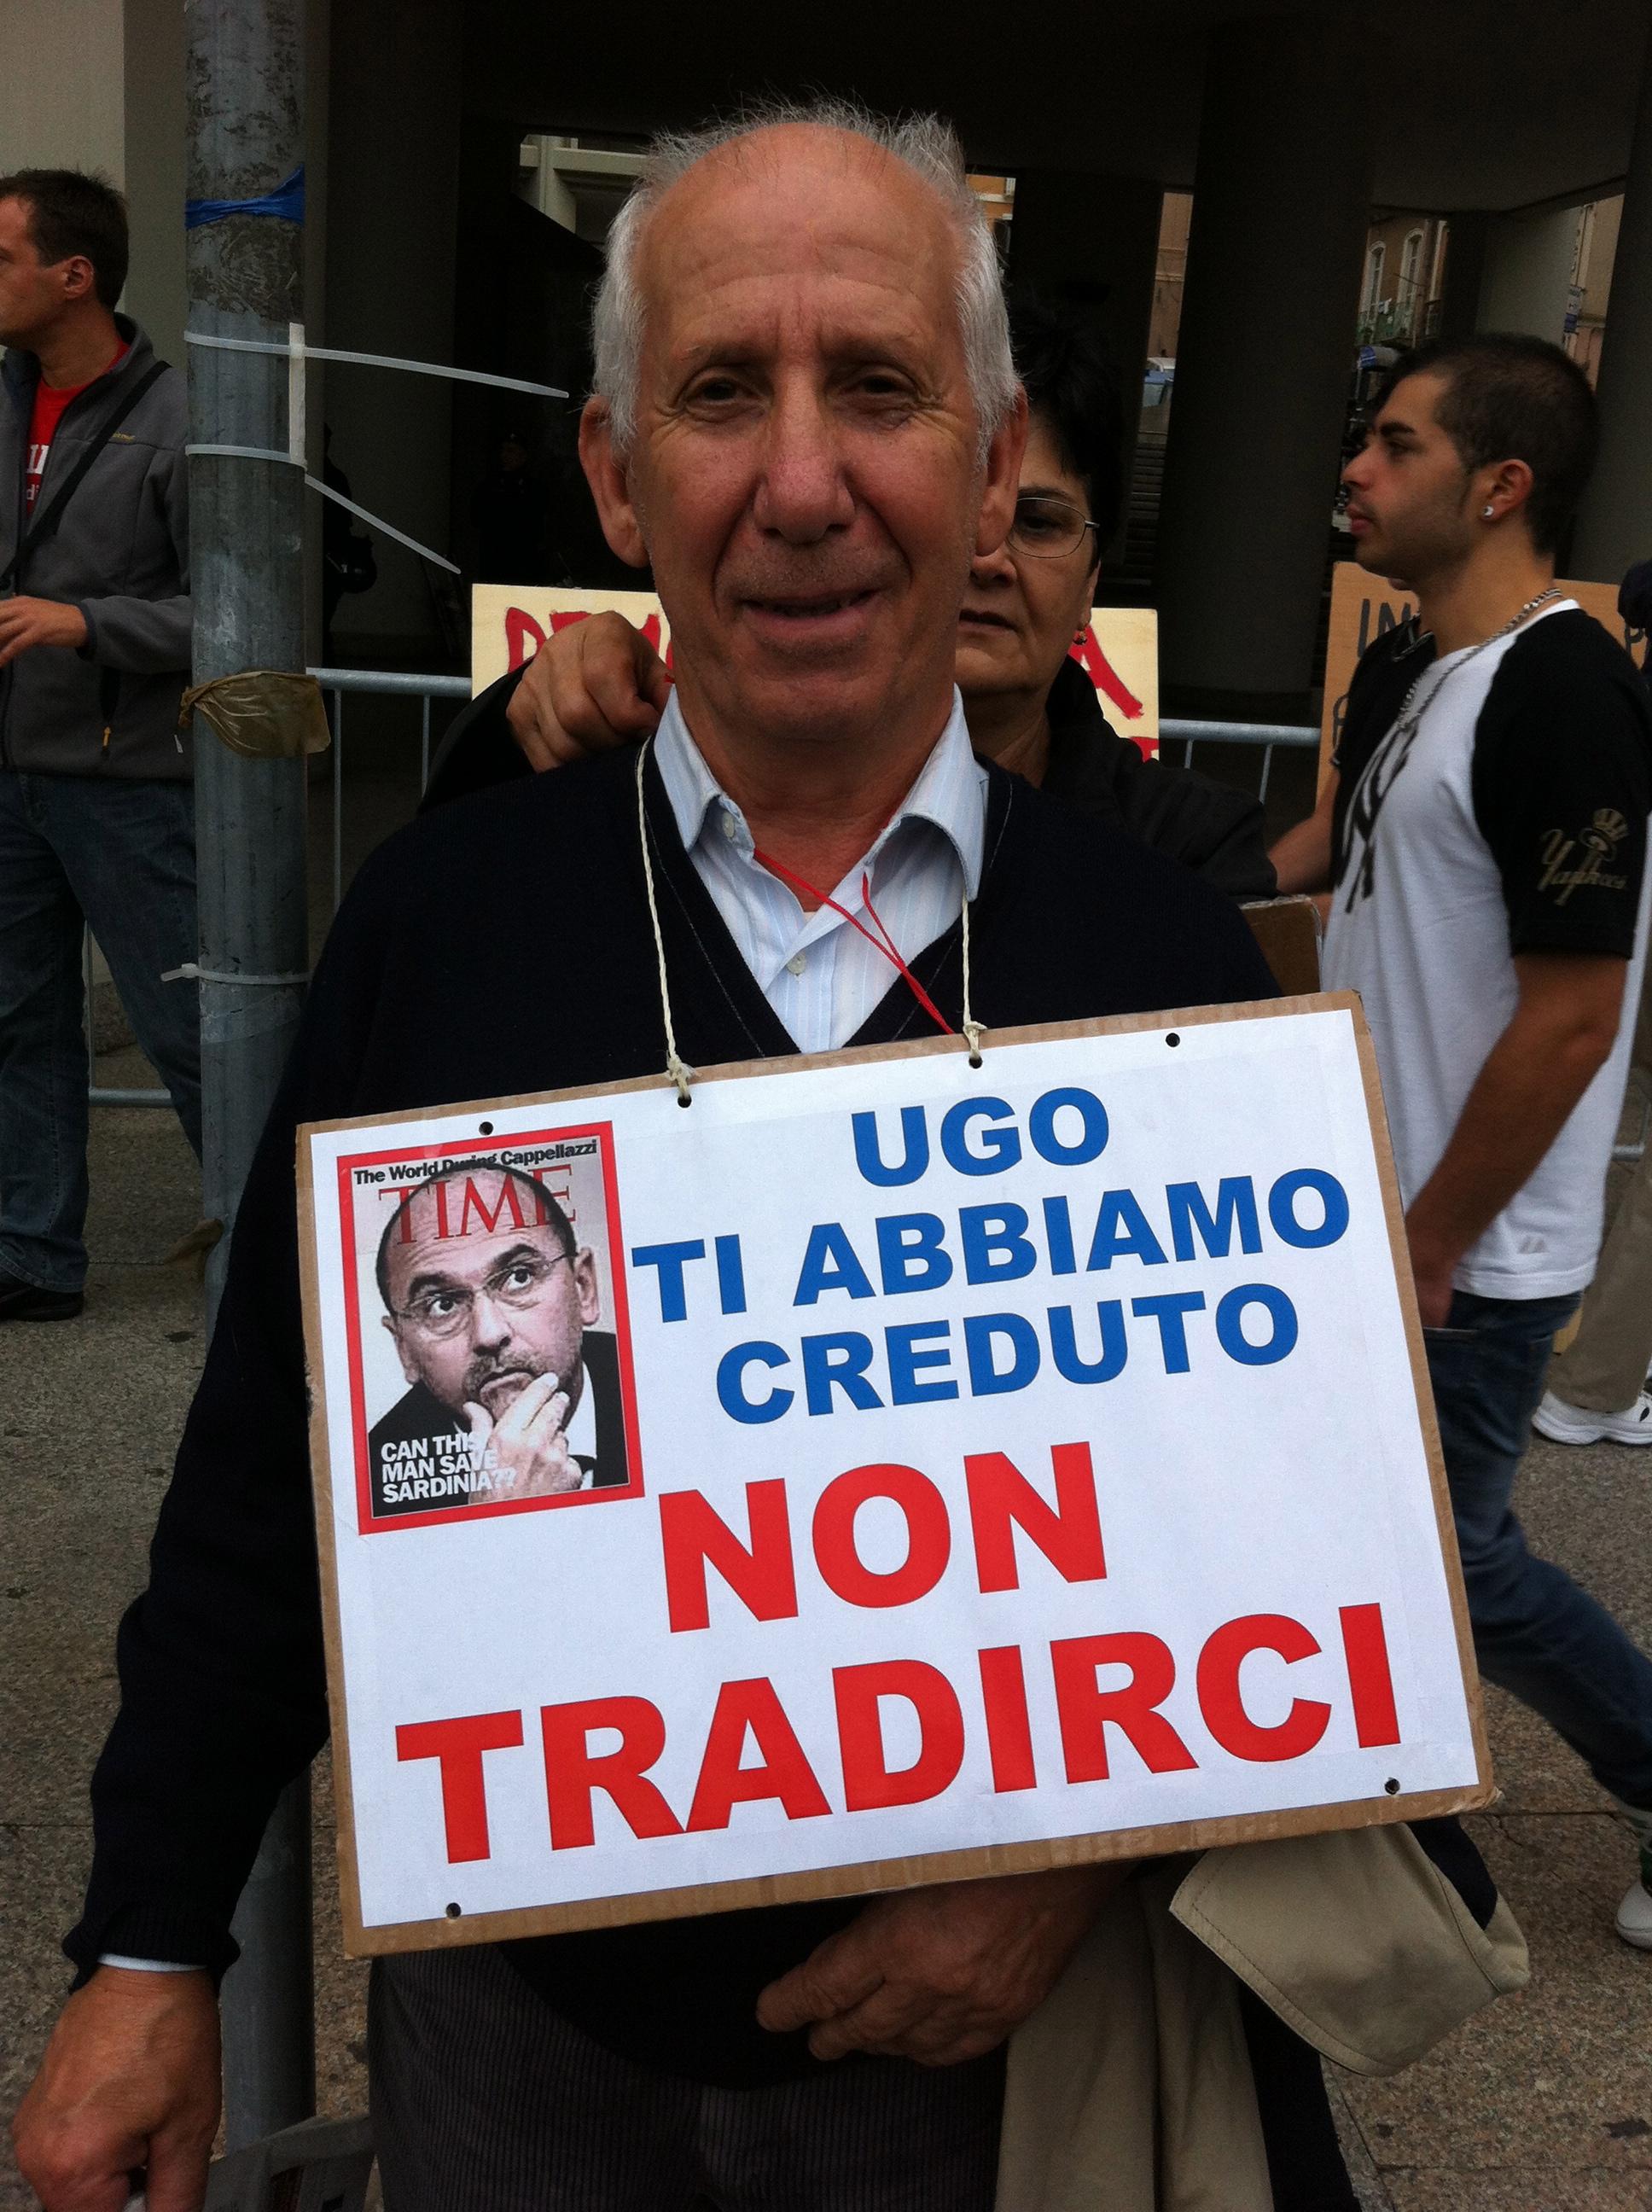 Curiosa manifestazione a Cagliari a favore dell'abusivismo edilizio! Guarda la fotogallery!